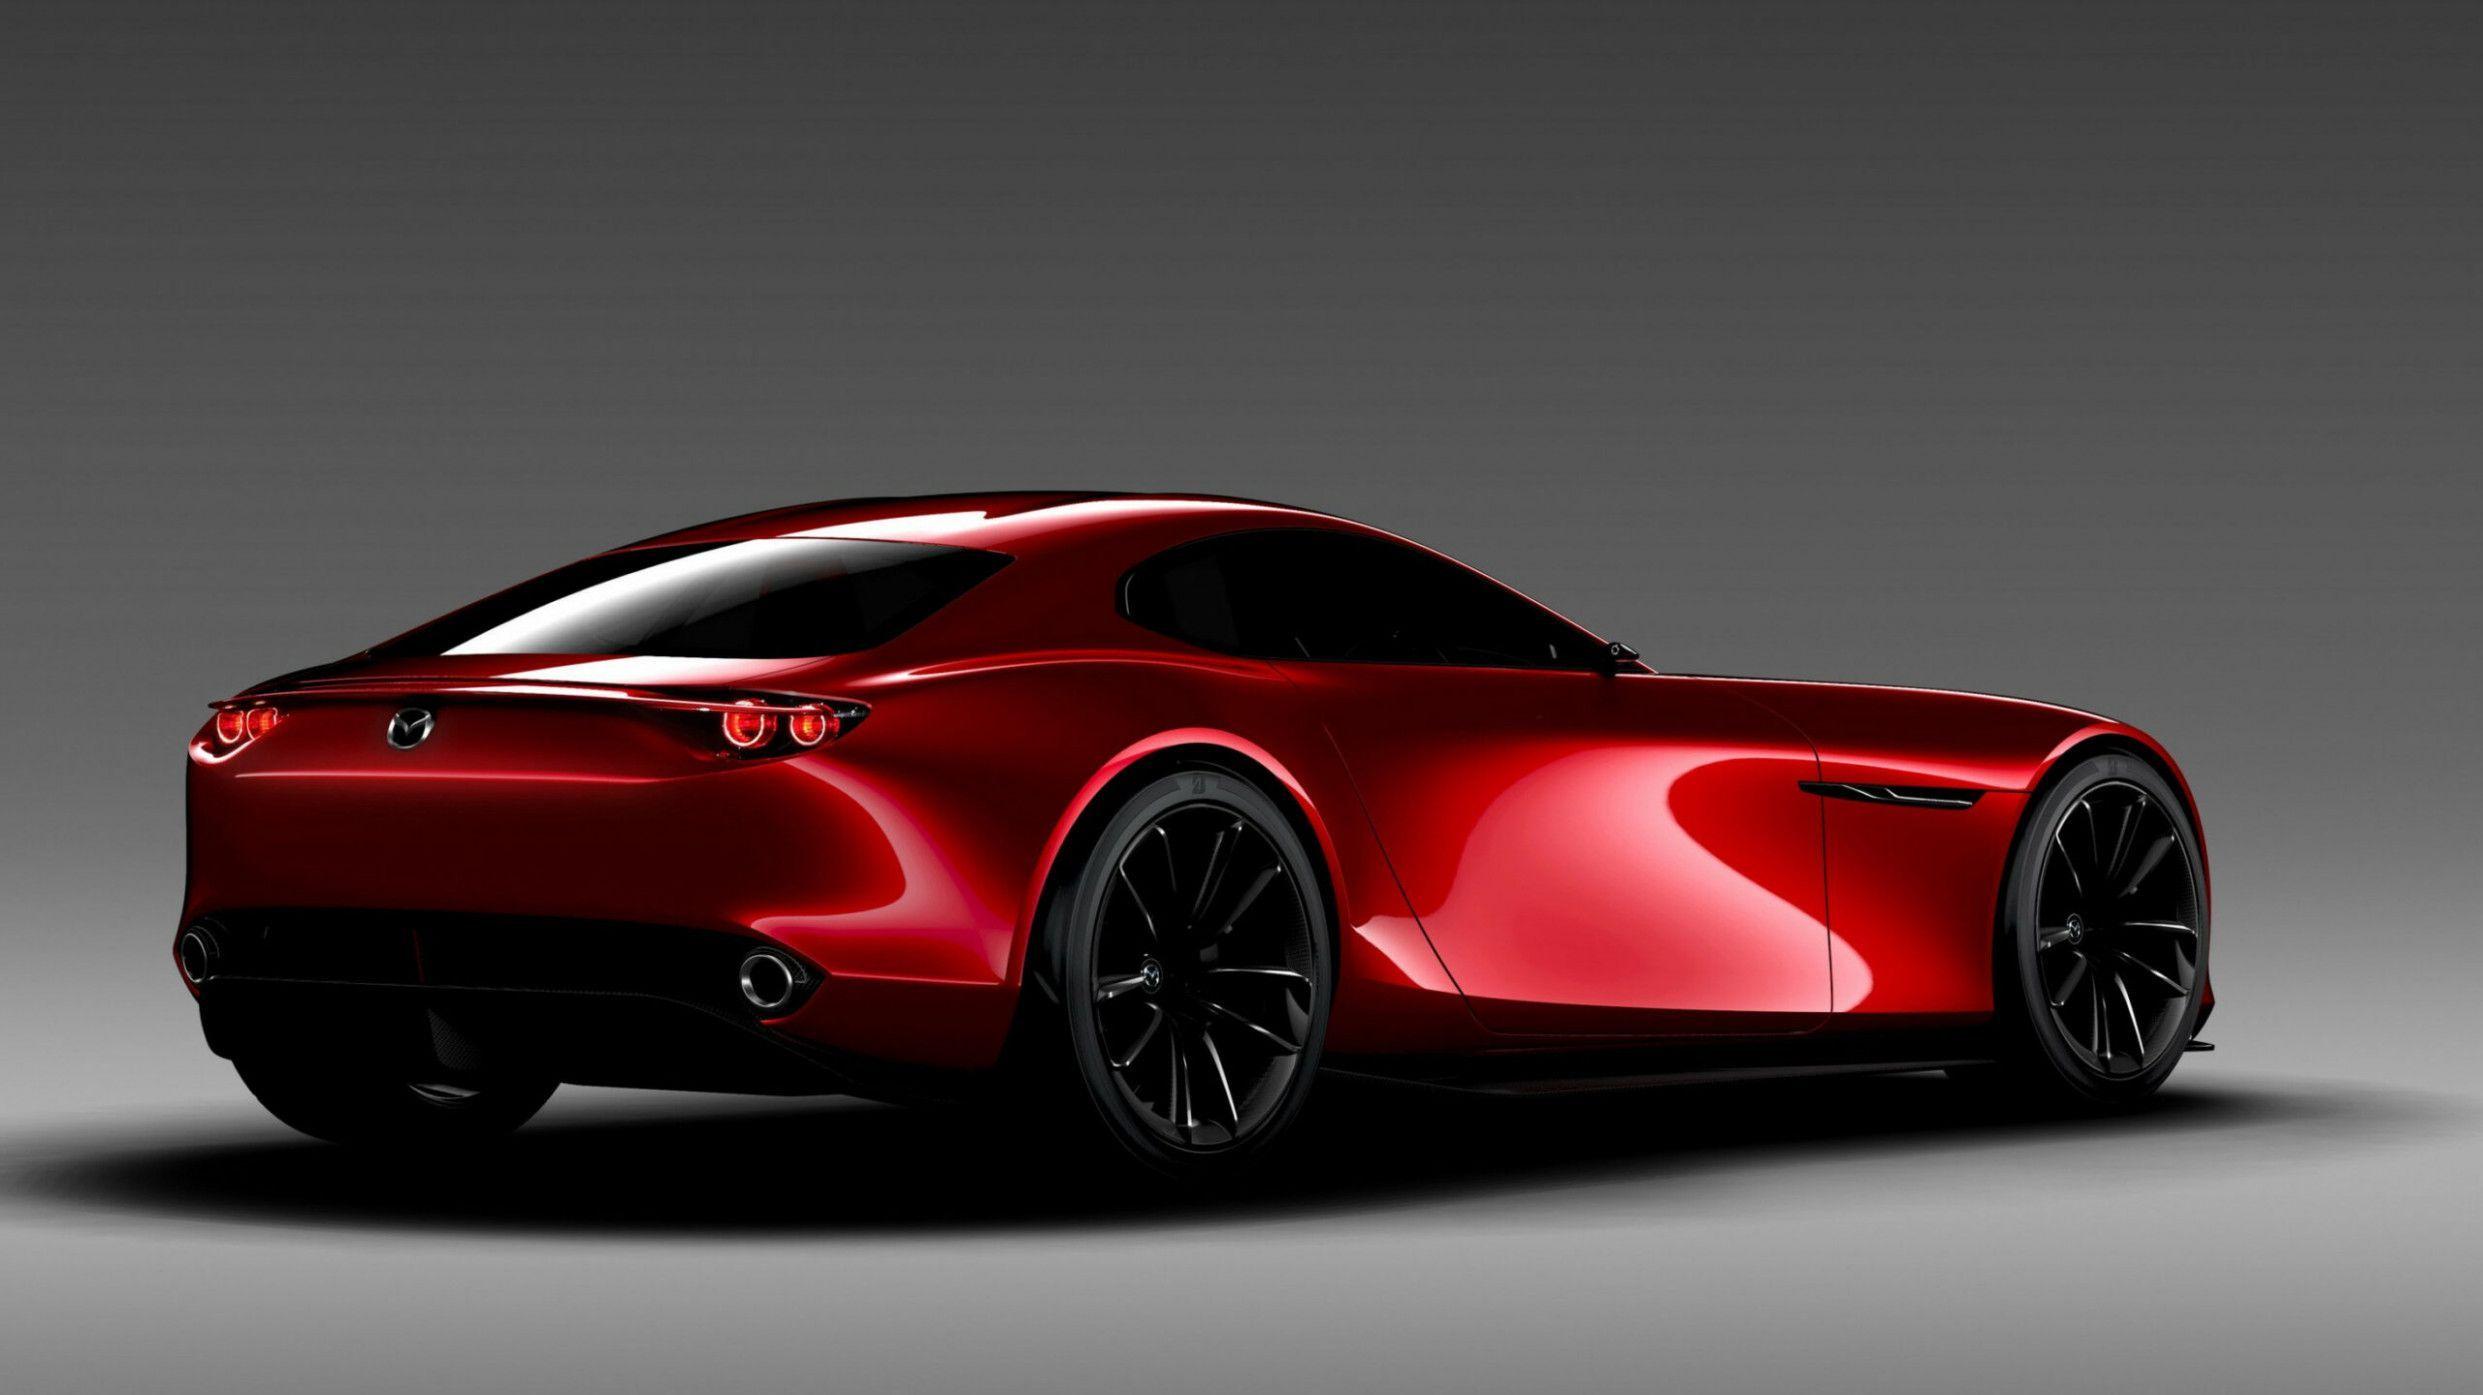 Mazda Sport Nascar In 2020 Mazda Hybrid Car Tokyo Motor Show